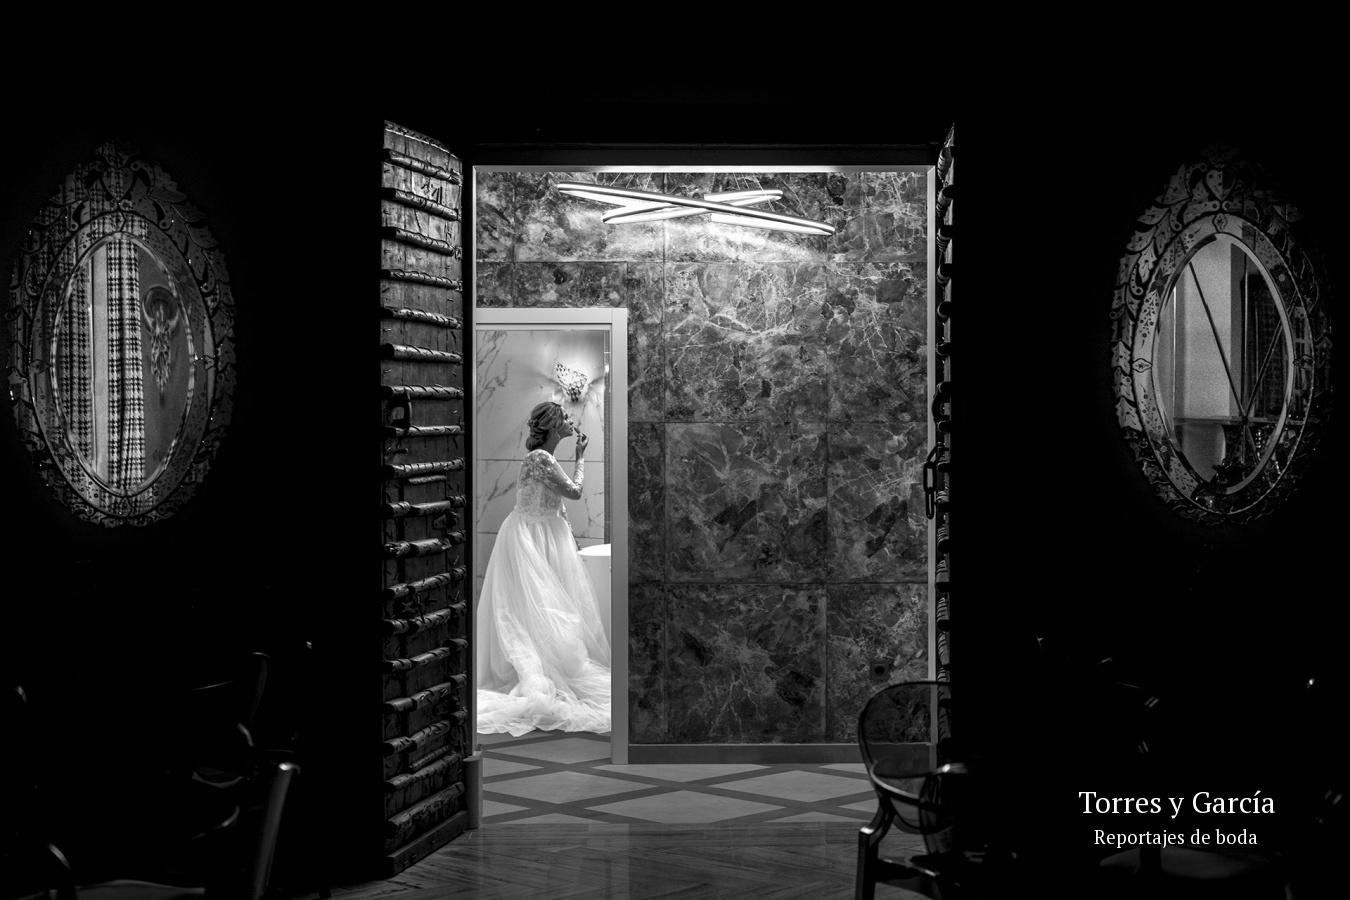 retocandose la novia - Fotografías - Libros y reportajes de boda diferentes.